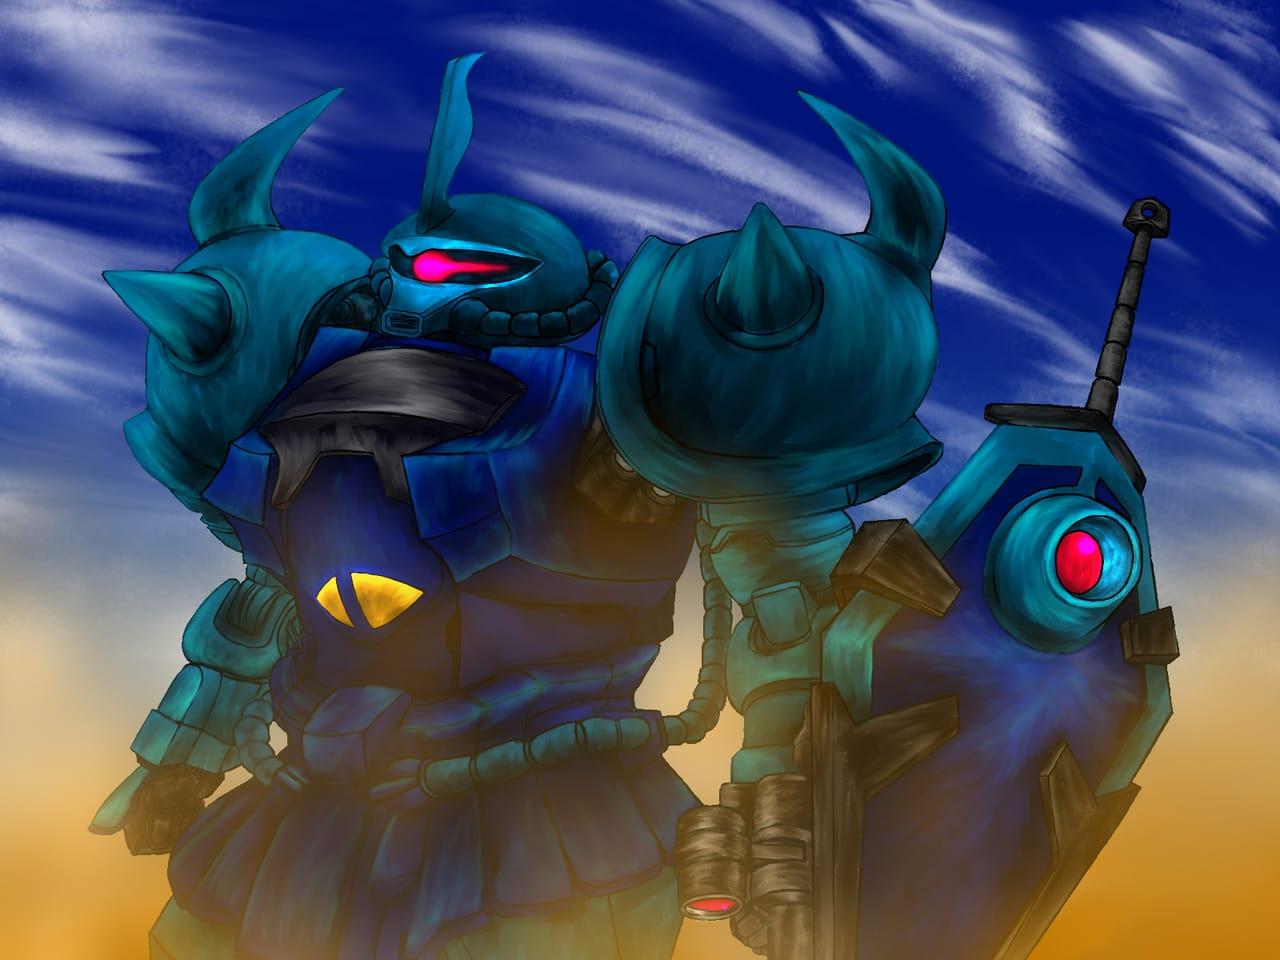 グフカスタム Illust of 猫ミミ兵 GUNDAM メカ ロボット